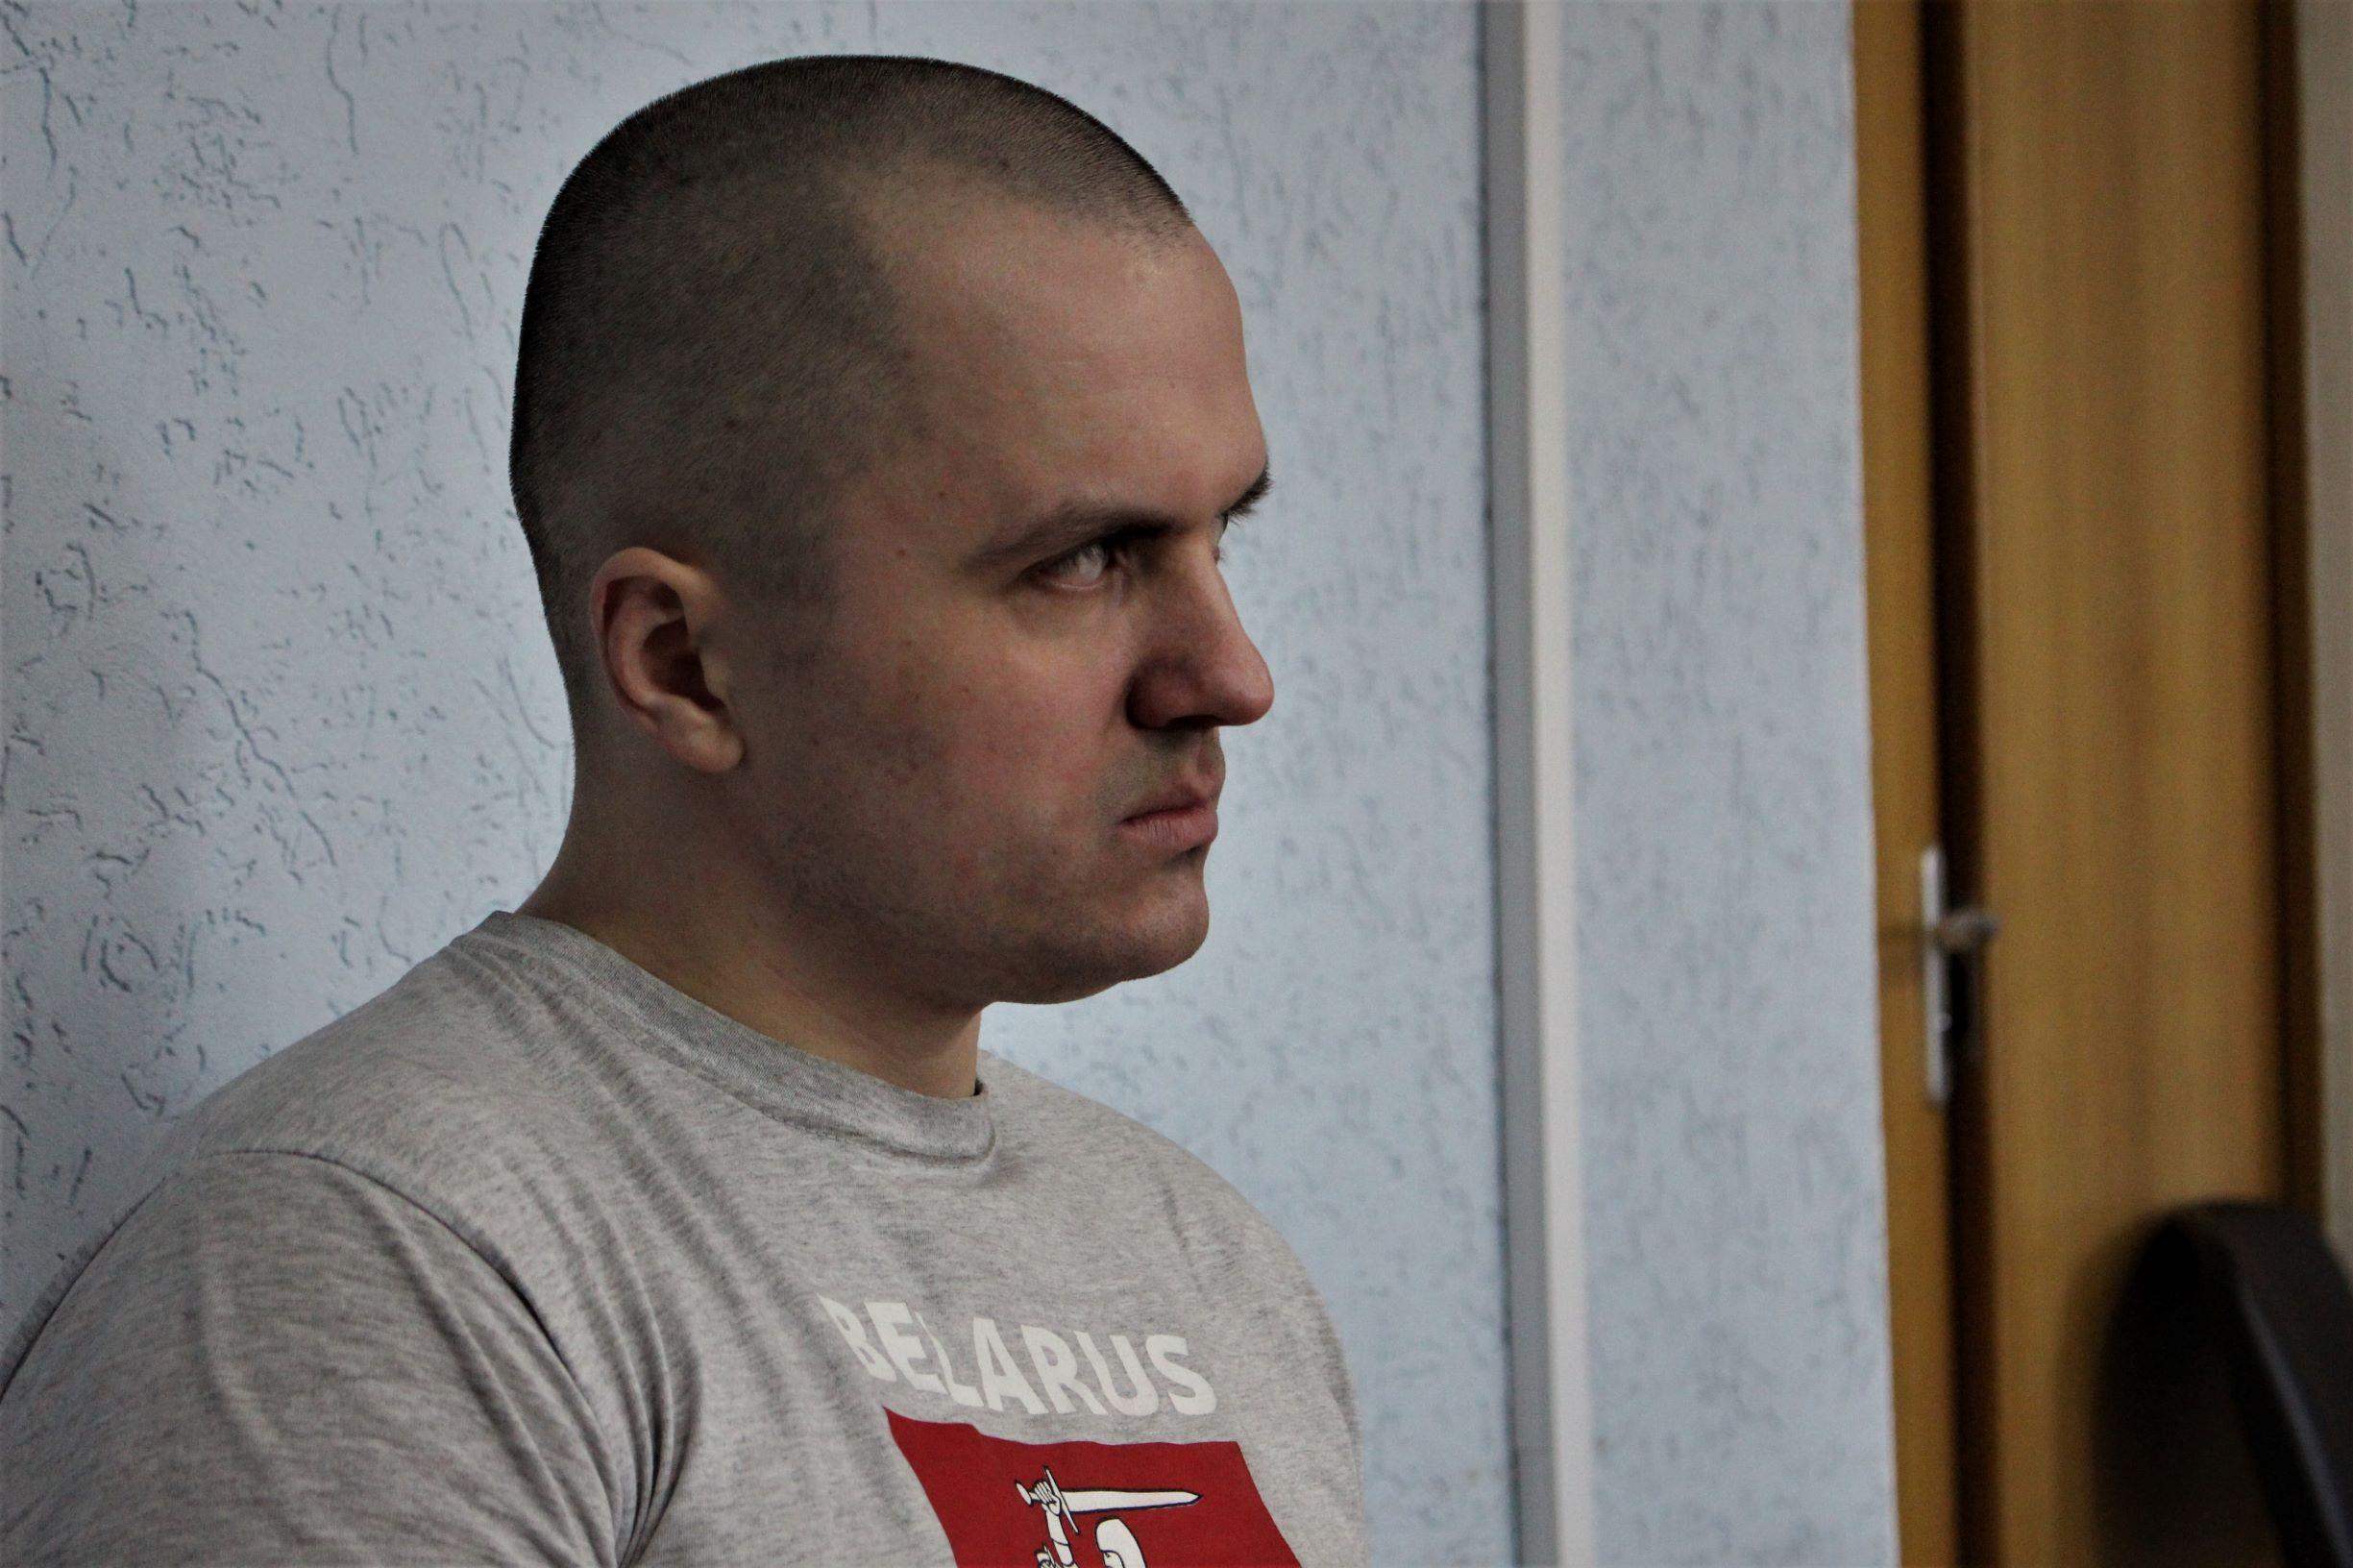 Могилевского активиста вызвали в Следственный комитет